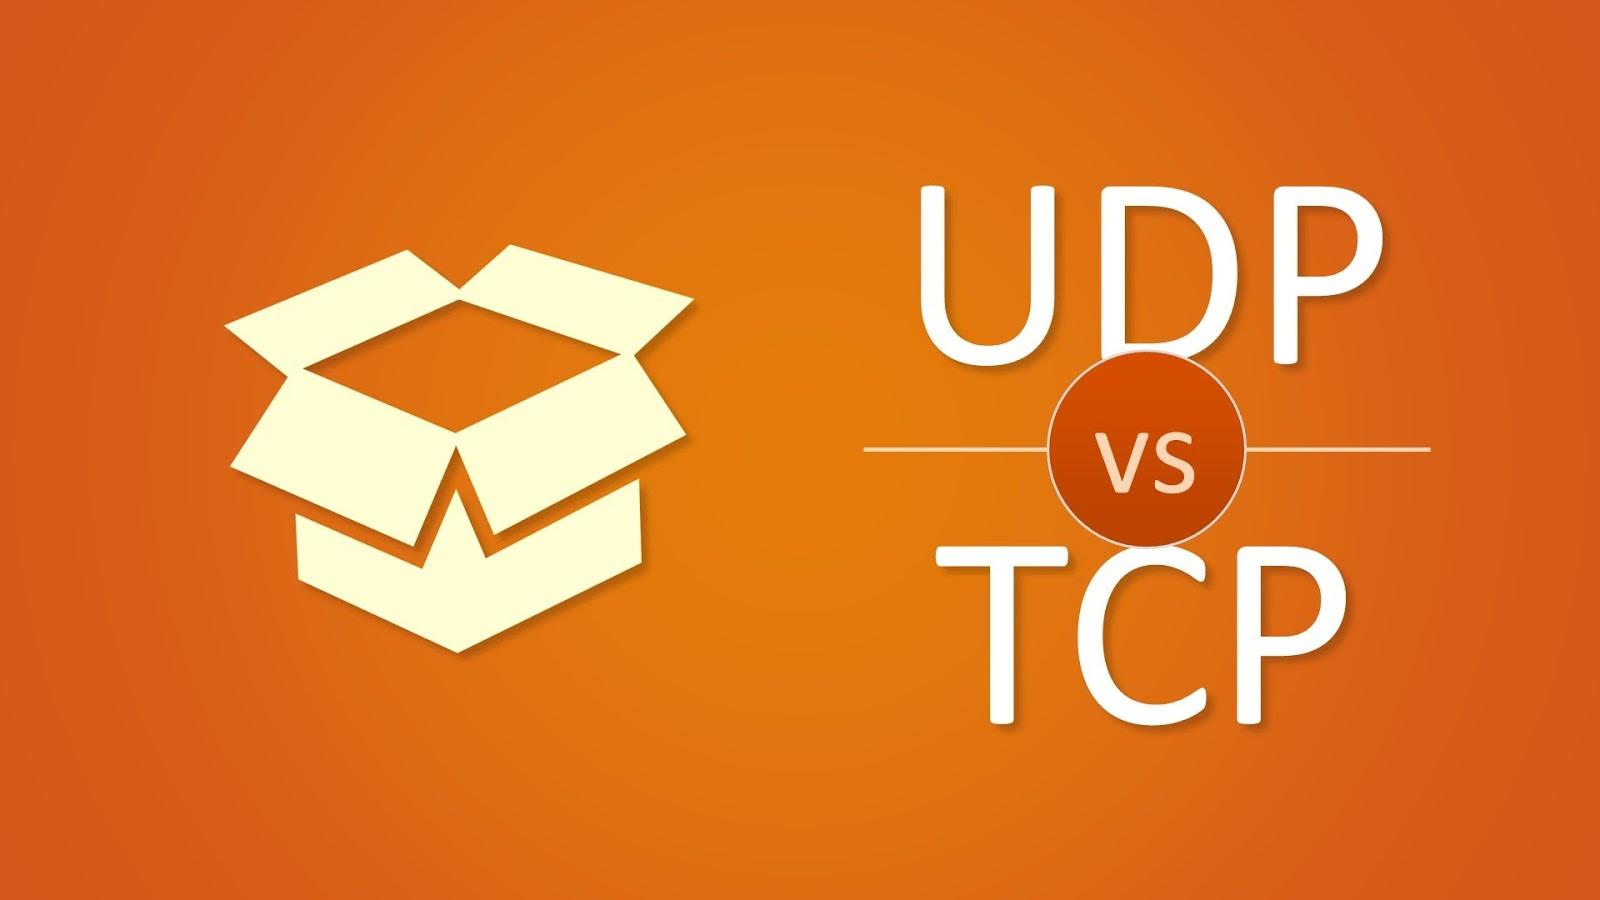 LINK 4 SECURE NETWORK: TCP VS UDP